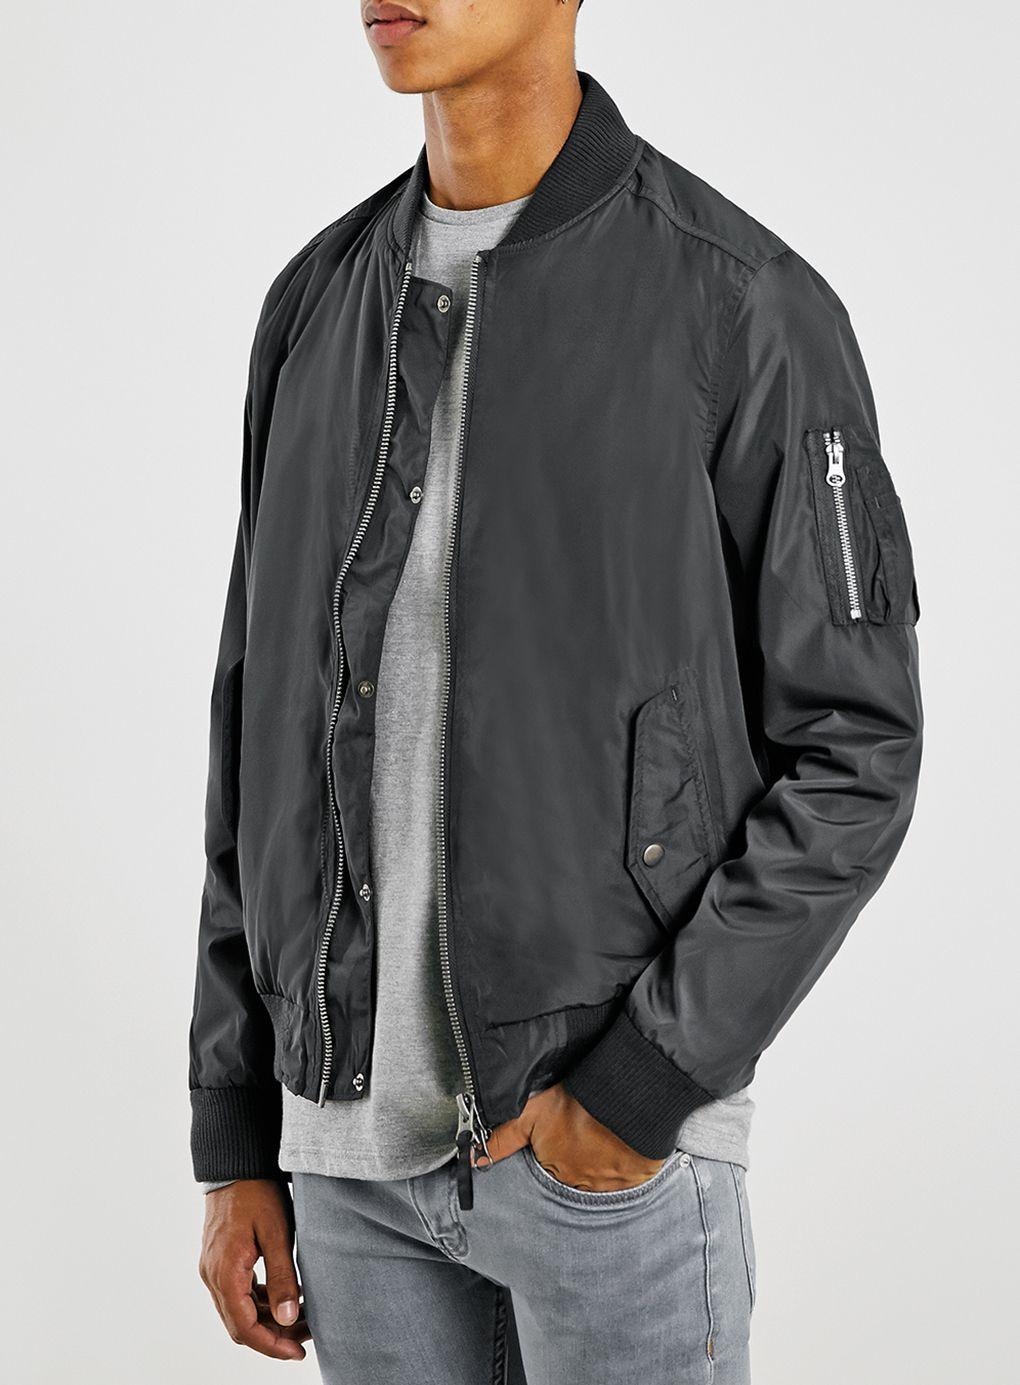 Topman Bomber Jacket | Outdoor Jacket